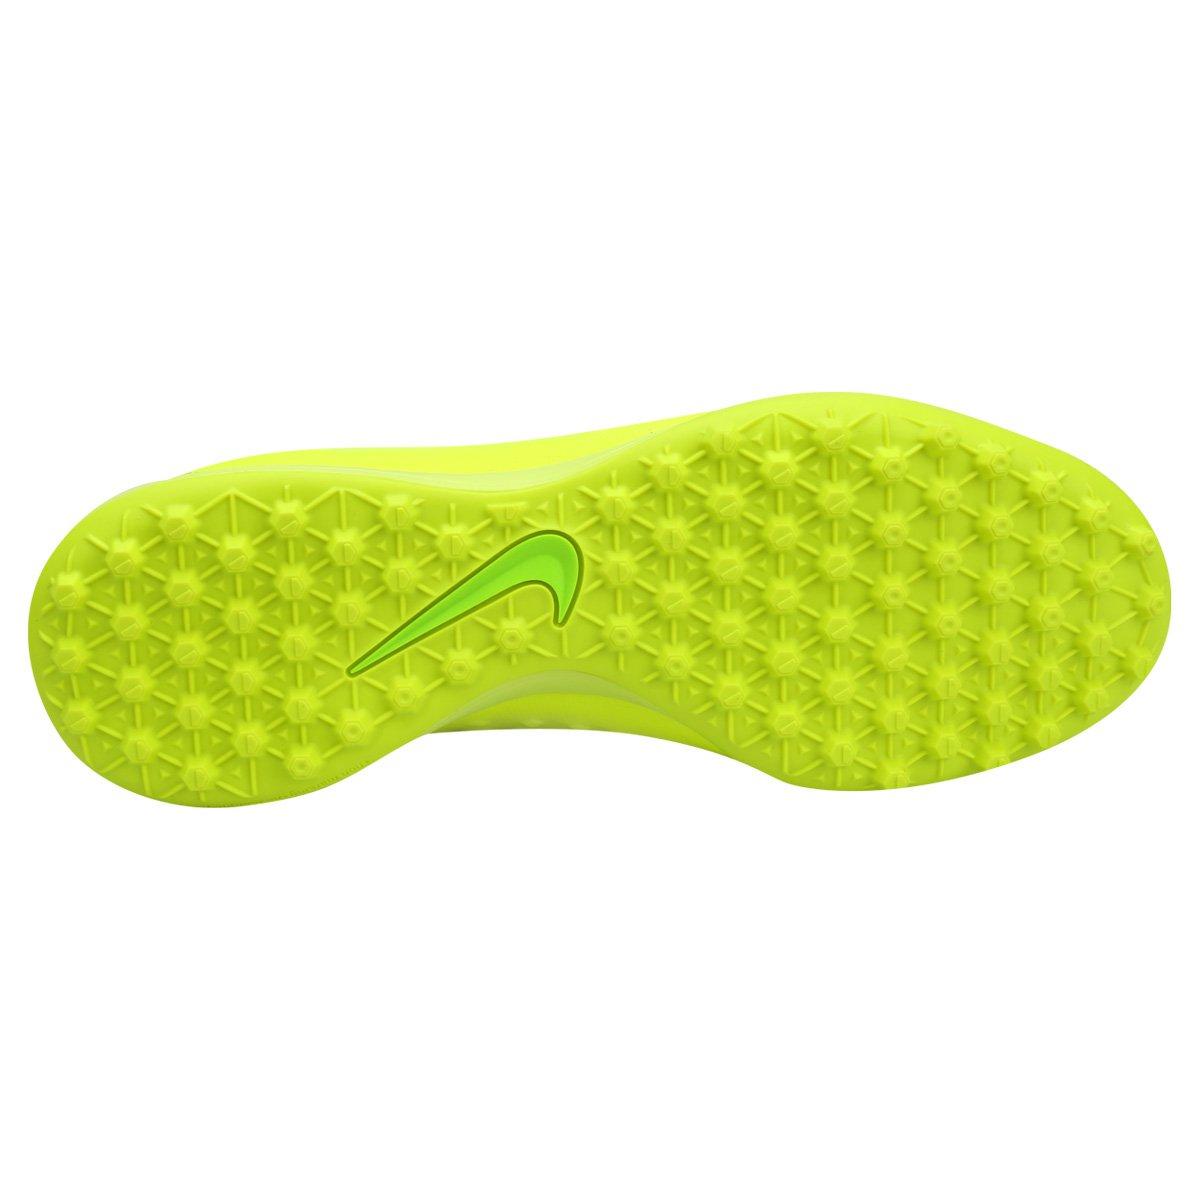 Chuteira Society Nike Magista Onda II TF - Verde Limão - Compre ... 524130f58c615